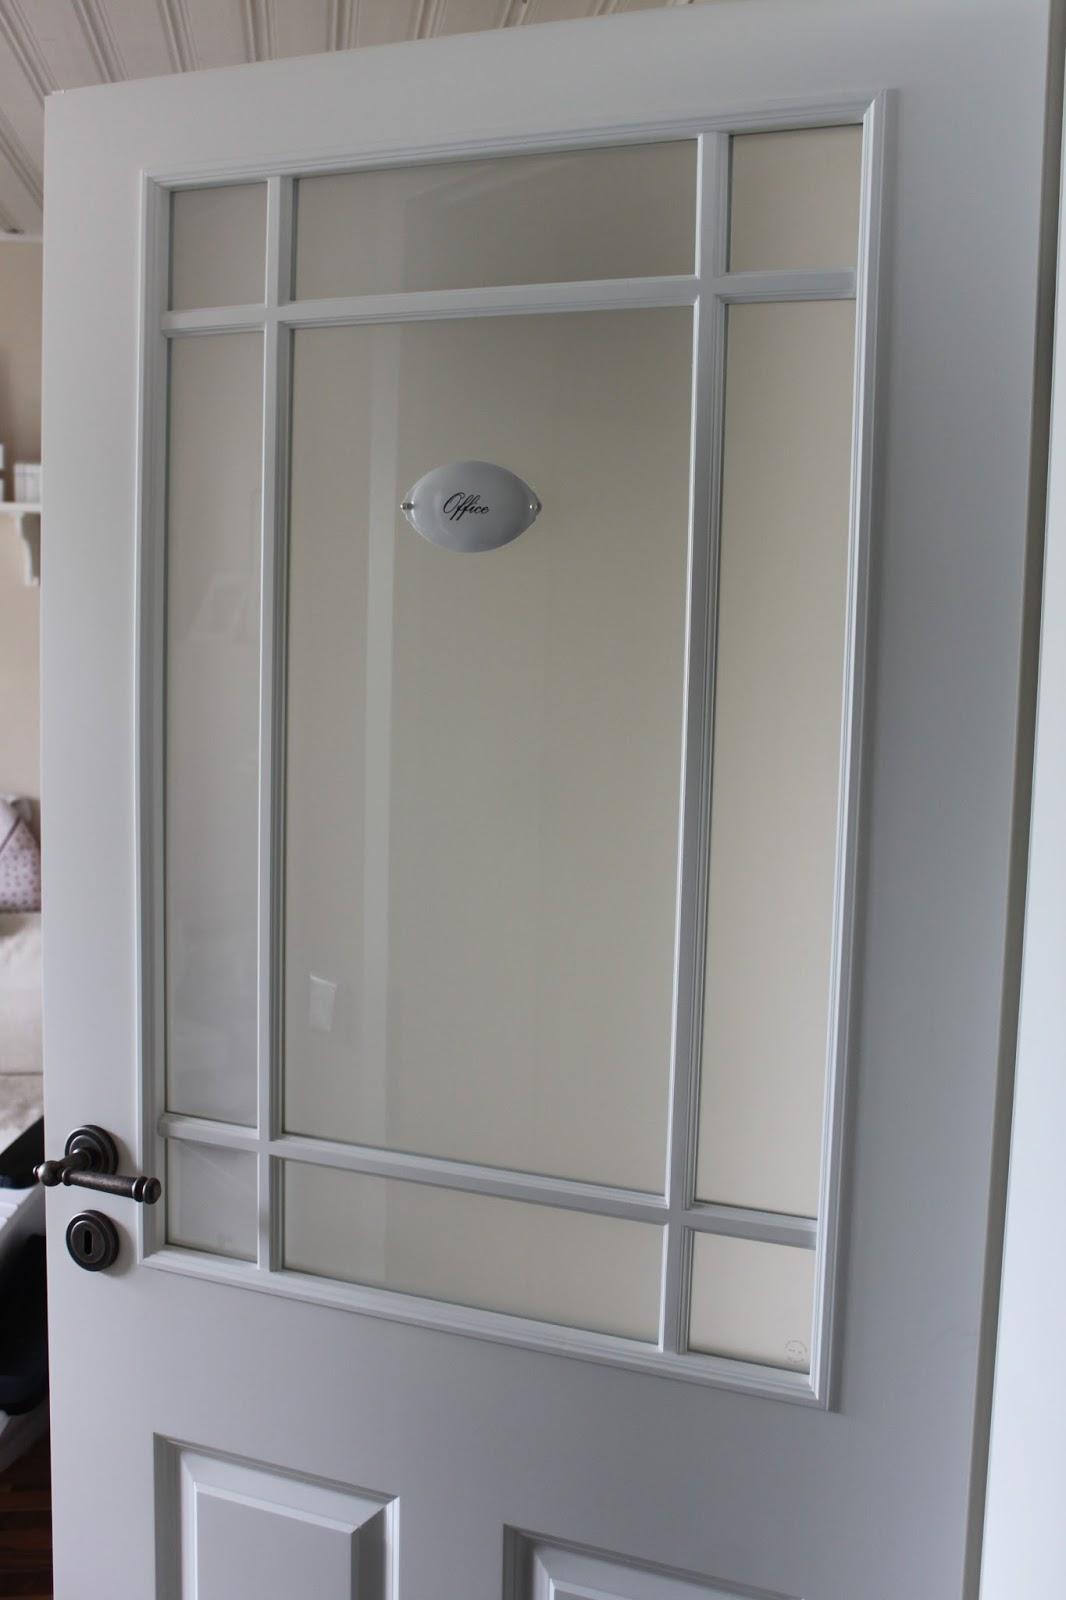 zimmert r holz eiche. Black Bedroom Furniture Sets. Home Design Ideas